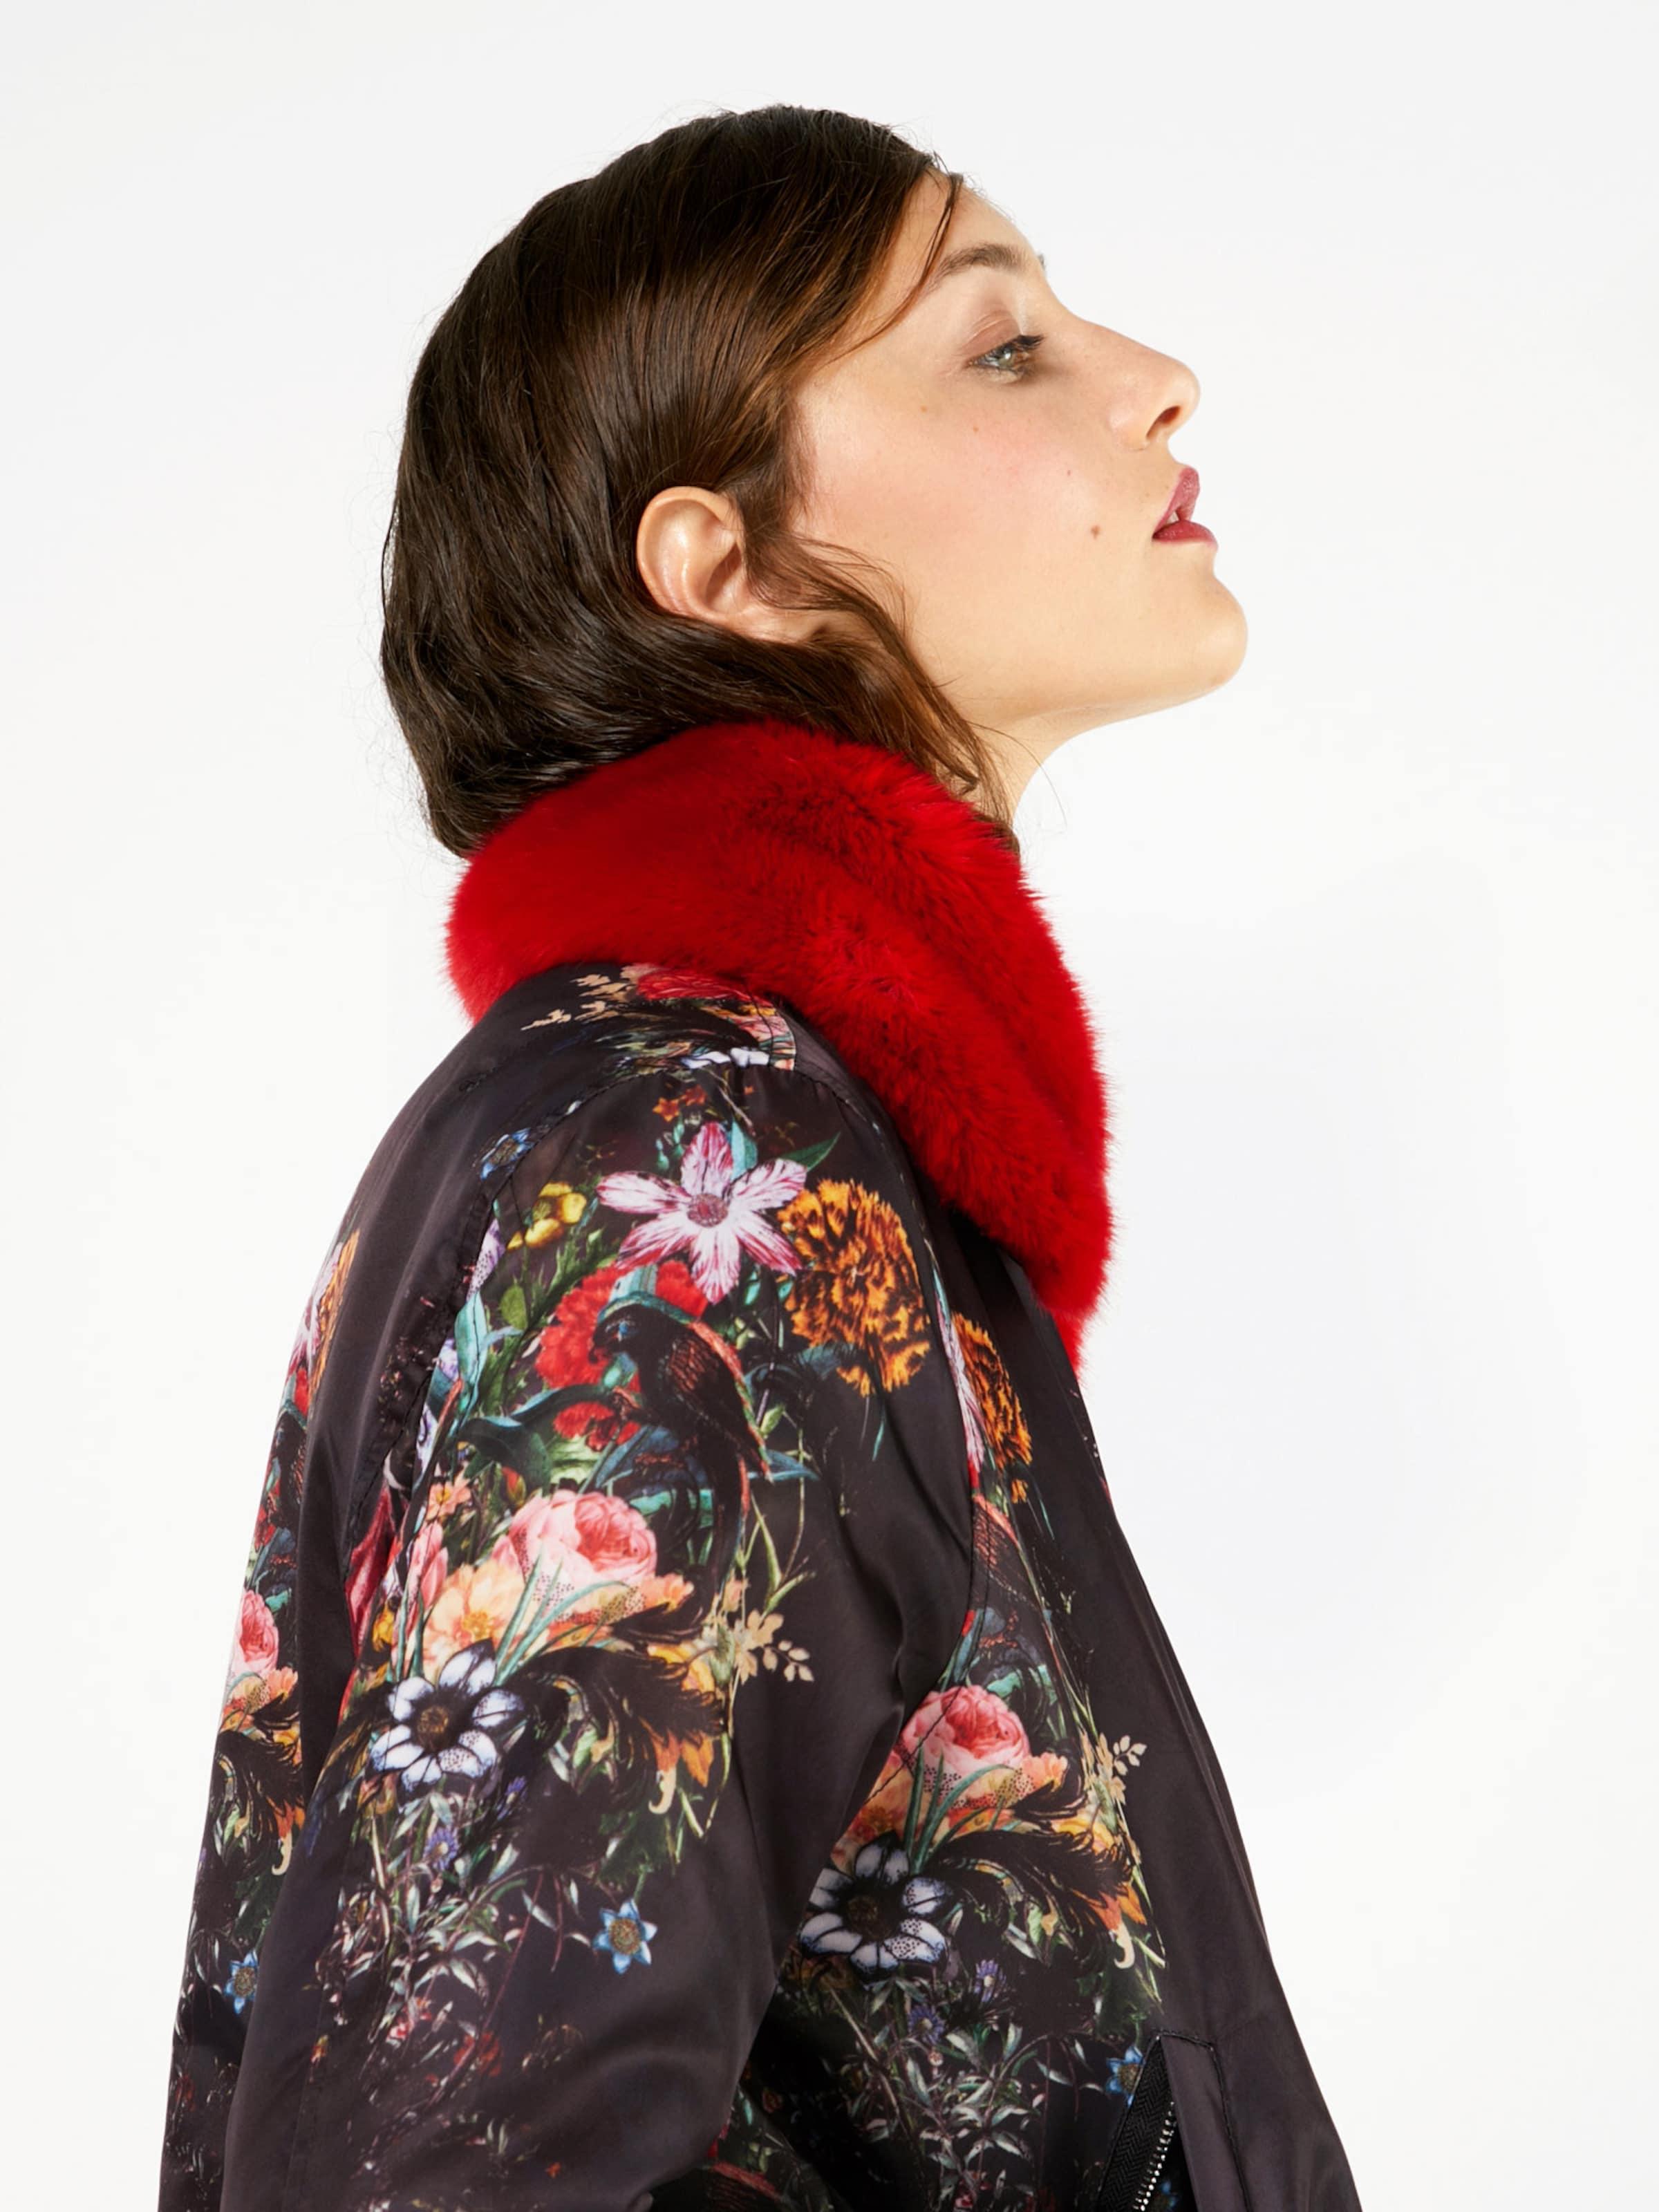 REPLAY Jacke mit Fellkragen Billig Verkauf Beste Preise Verschleißfestigkeit Manchester Verkauf Online Erhalten Günstig Online Kaufen Bilder Zum Verkauf tR1qkGQvyd